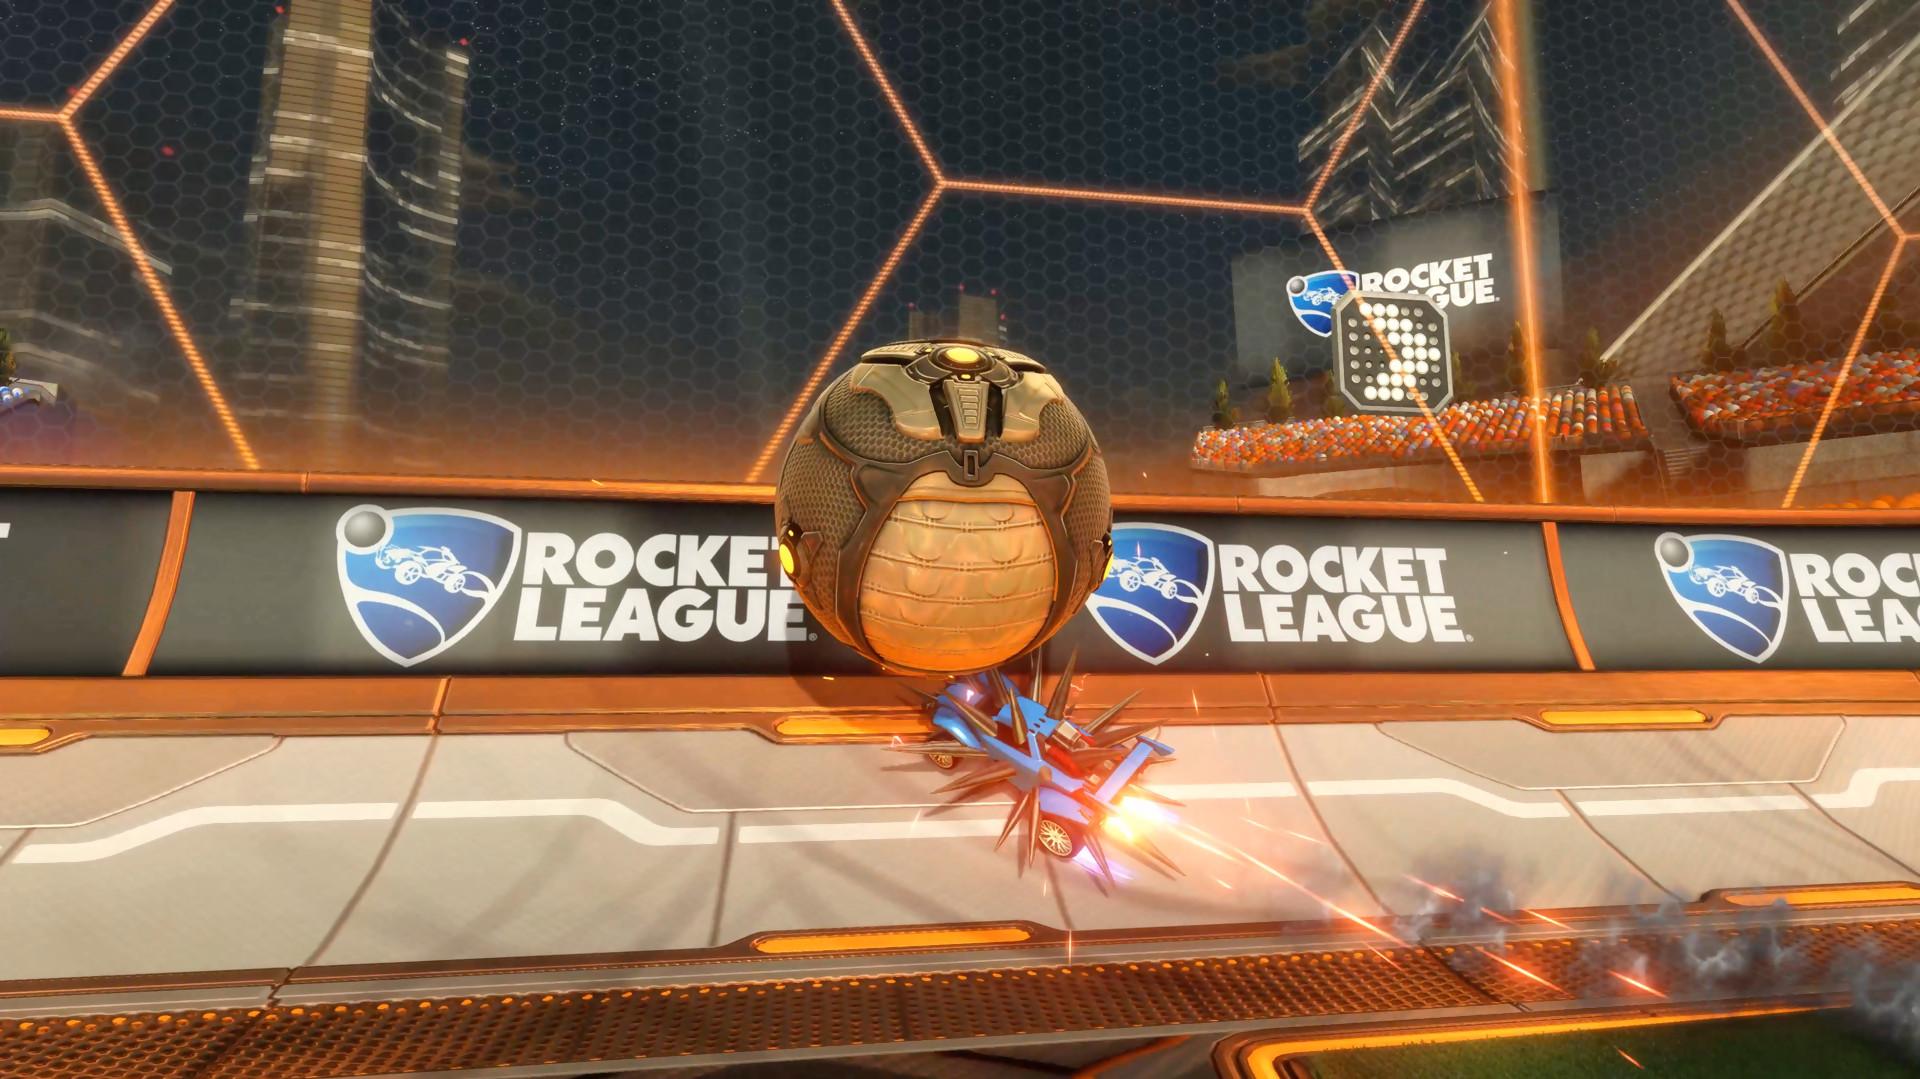 rocket-league-57a83948e4caa.jpg